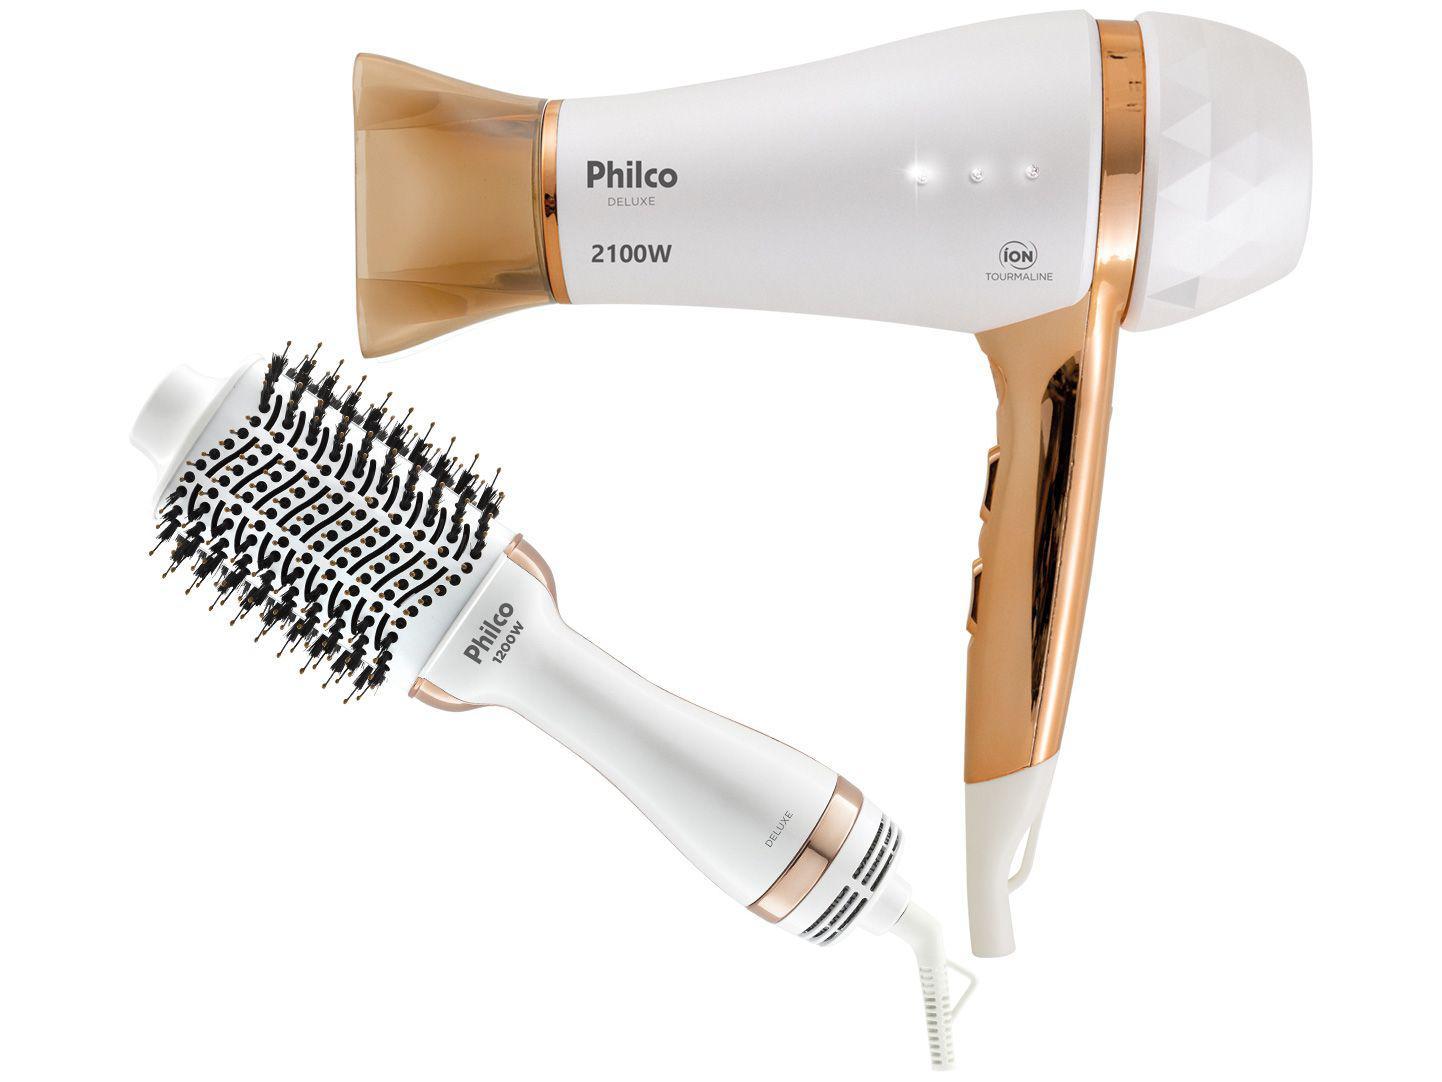 Kit Secador e Escova Philco PKT3150 Deluxe